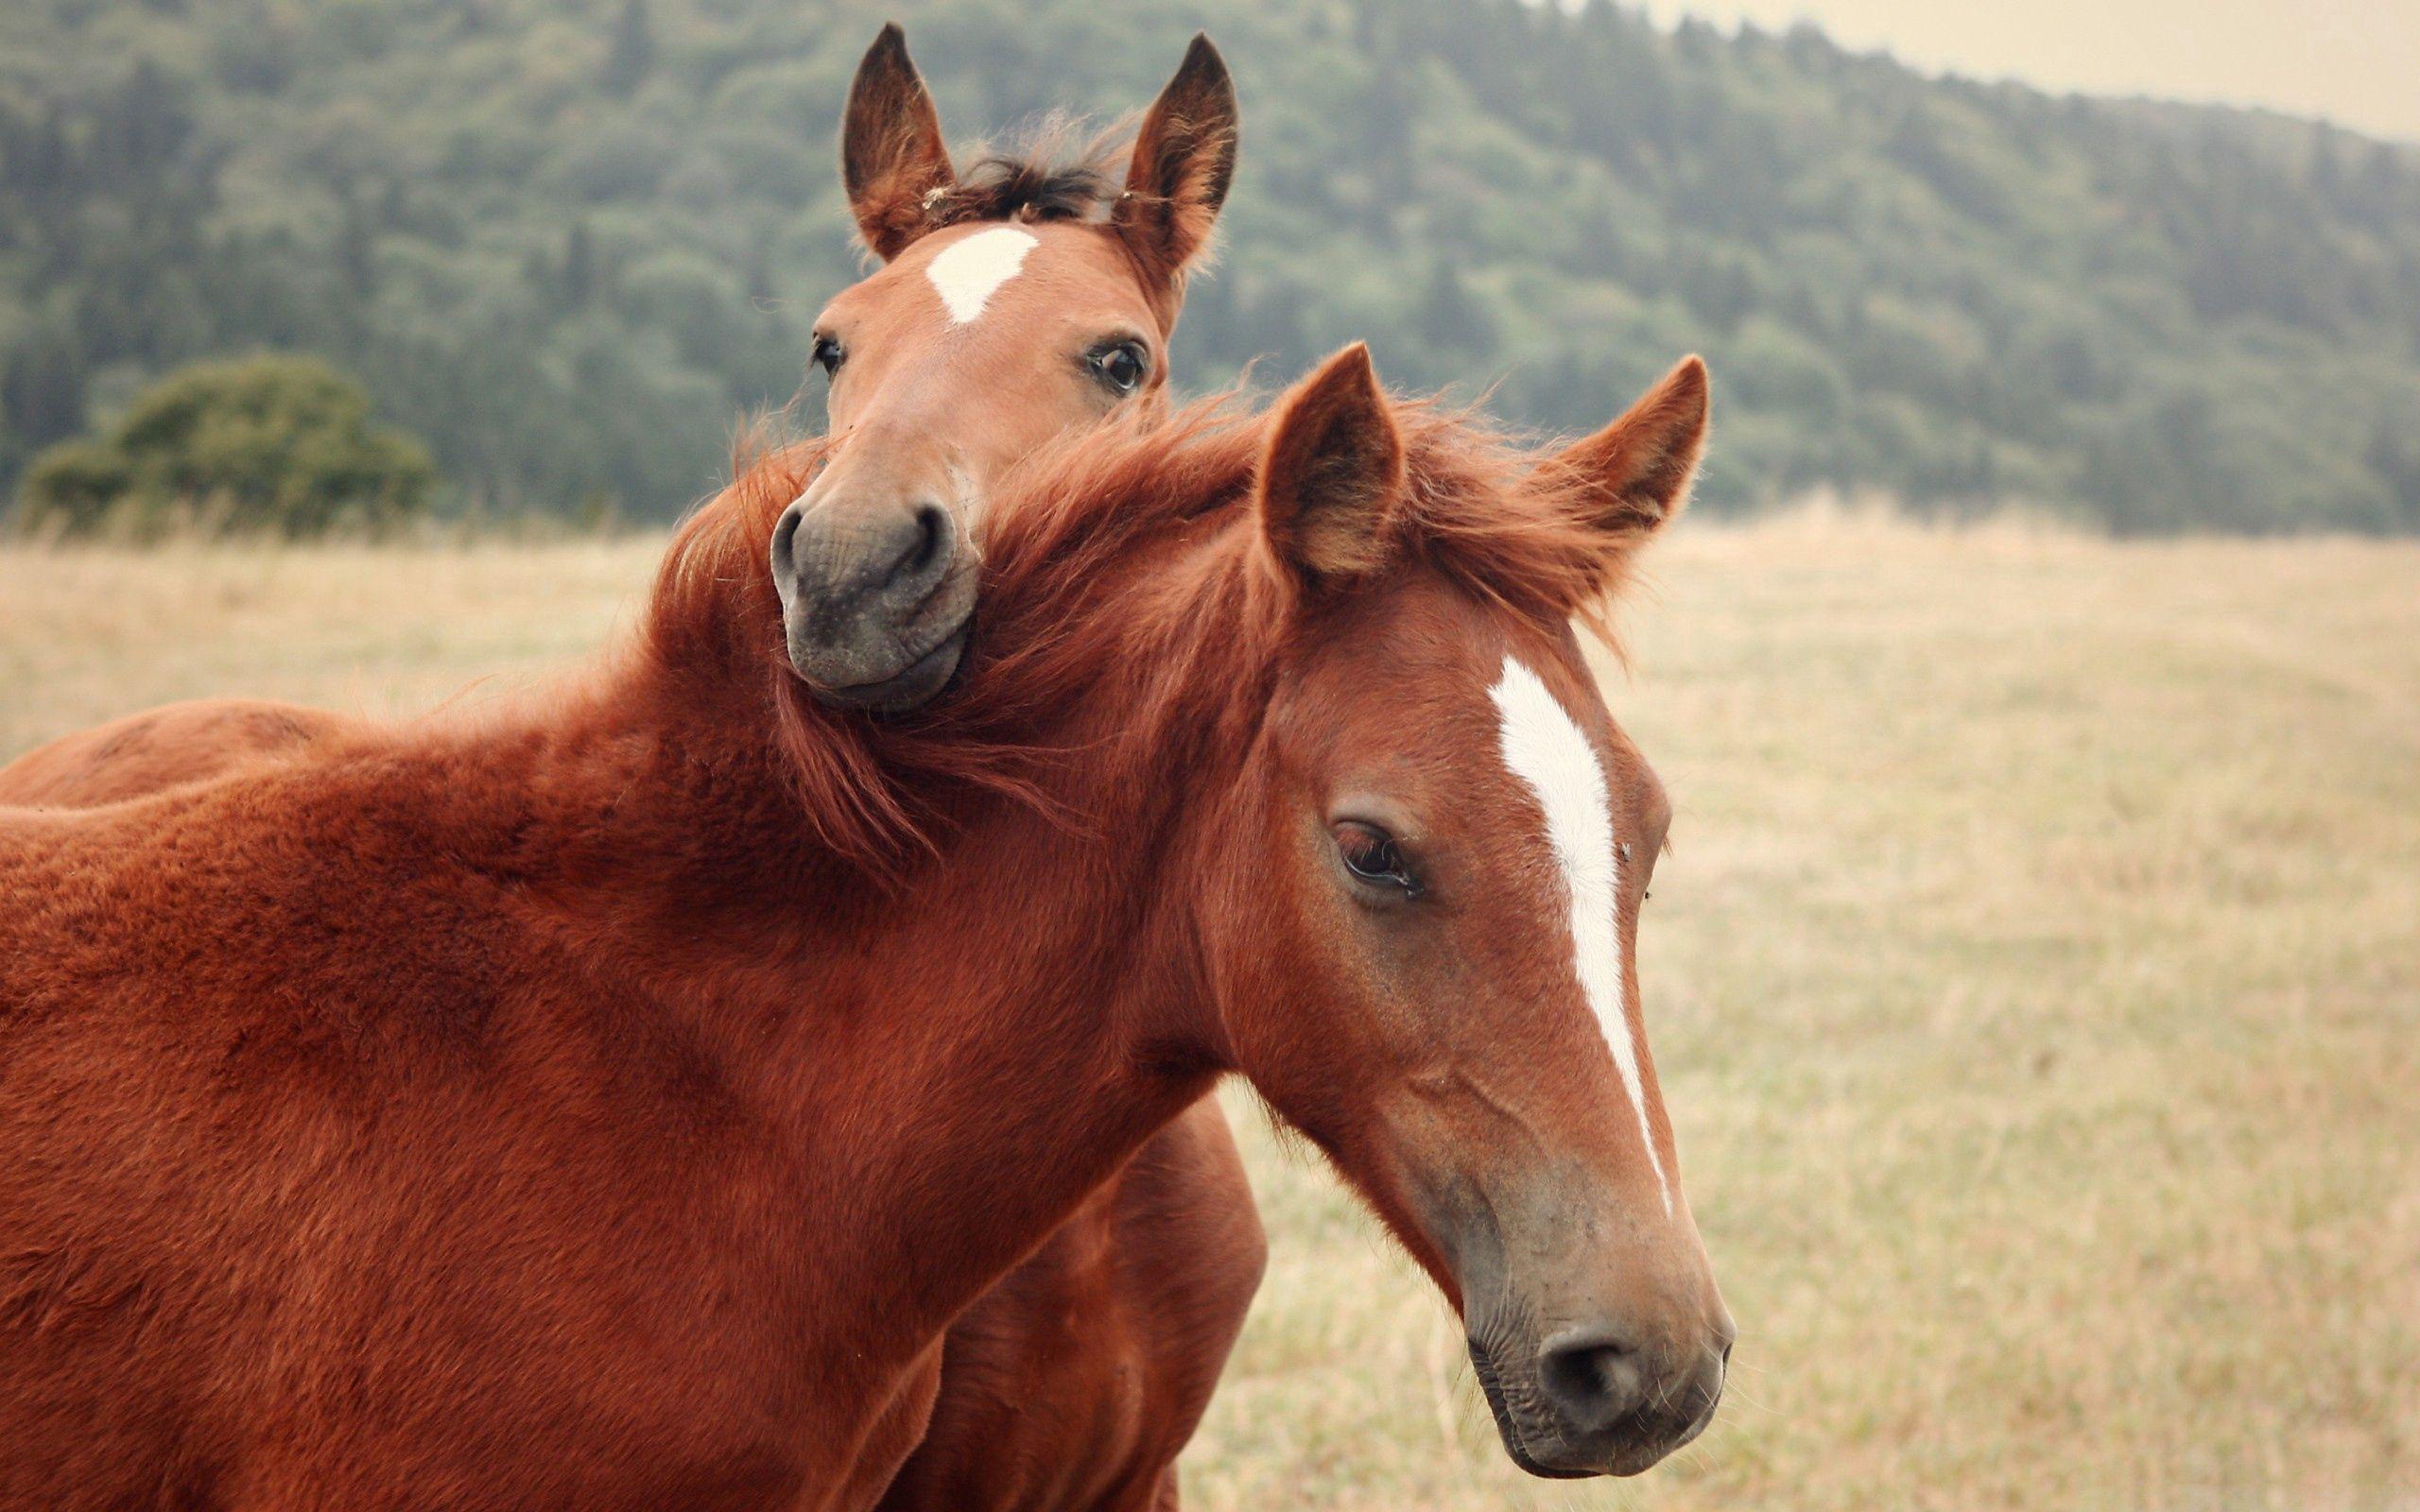 92825 скачать обои Животные, Лошади, Пара, Трава, Природа - заставки и картинки бесплатно